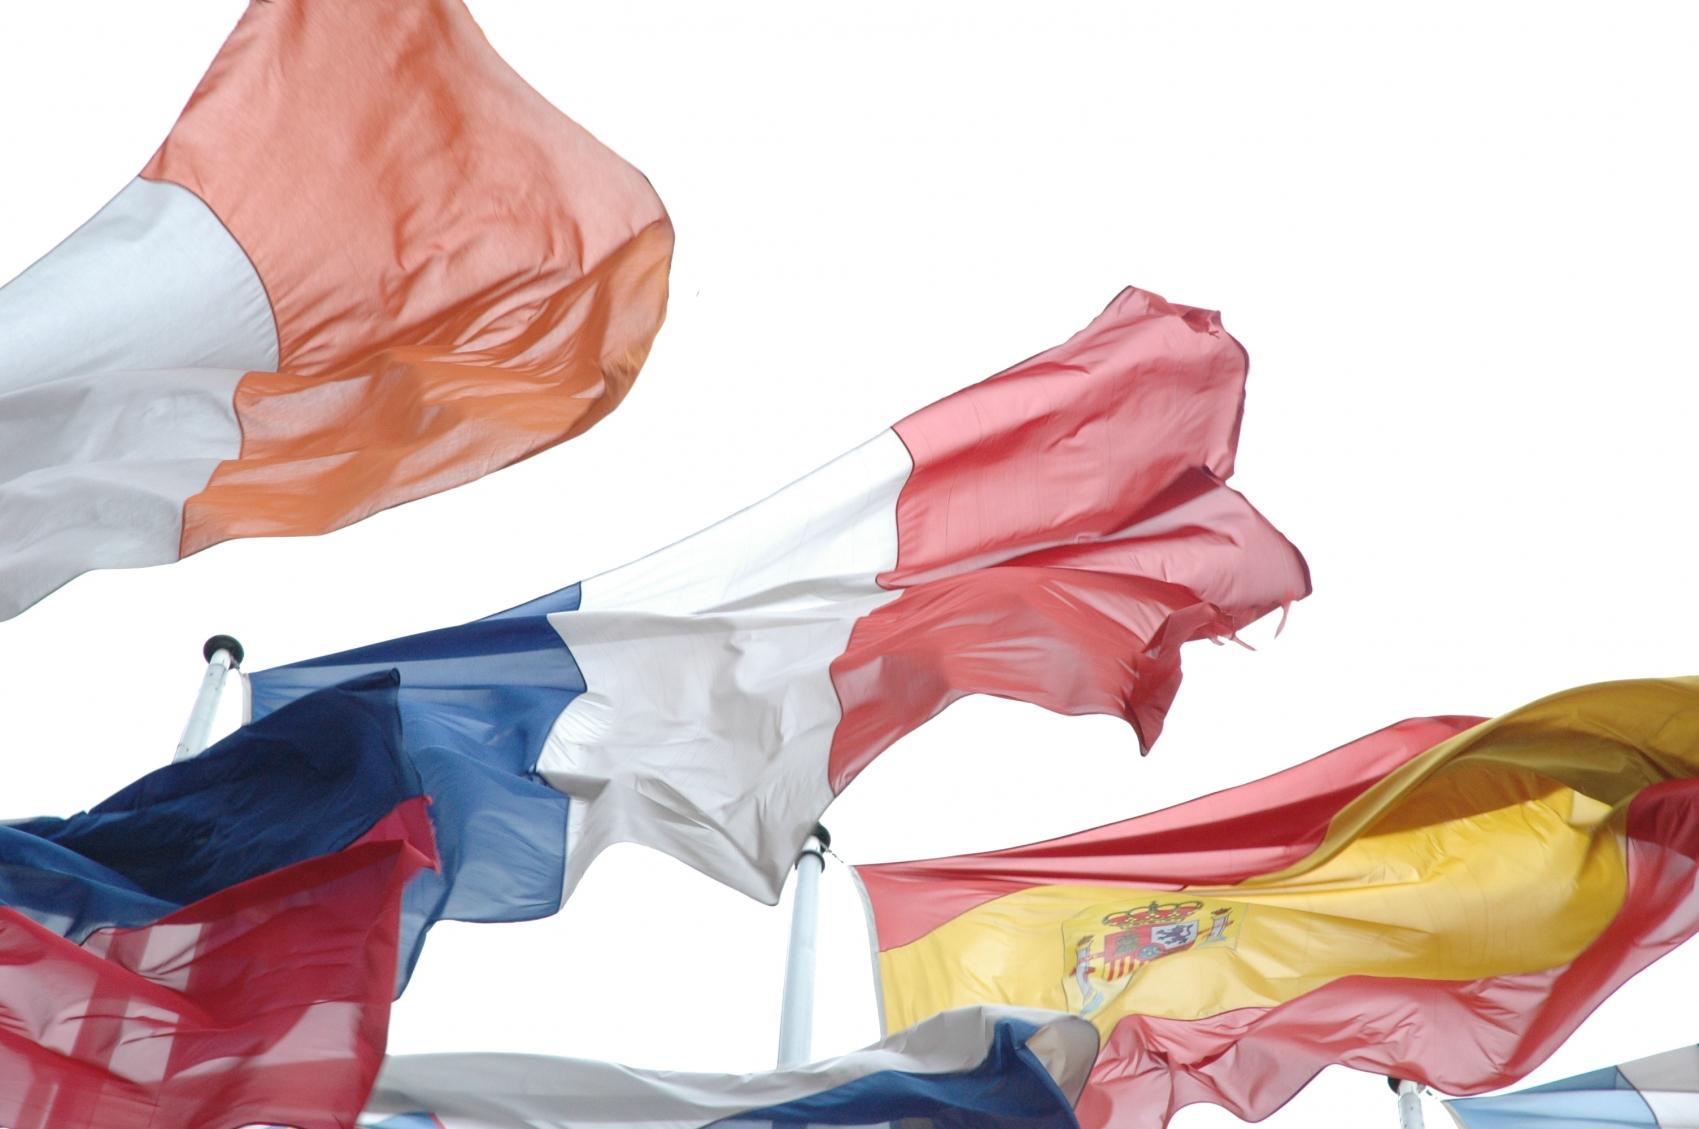 drapeau - drapeau français au centre d'autres drapeaux européens